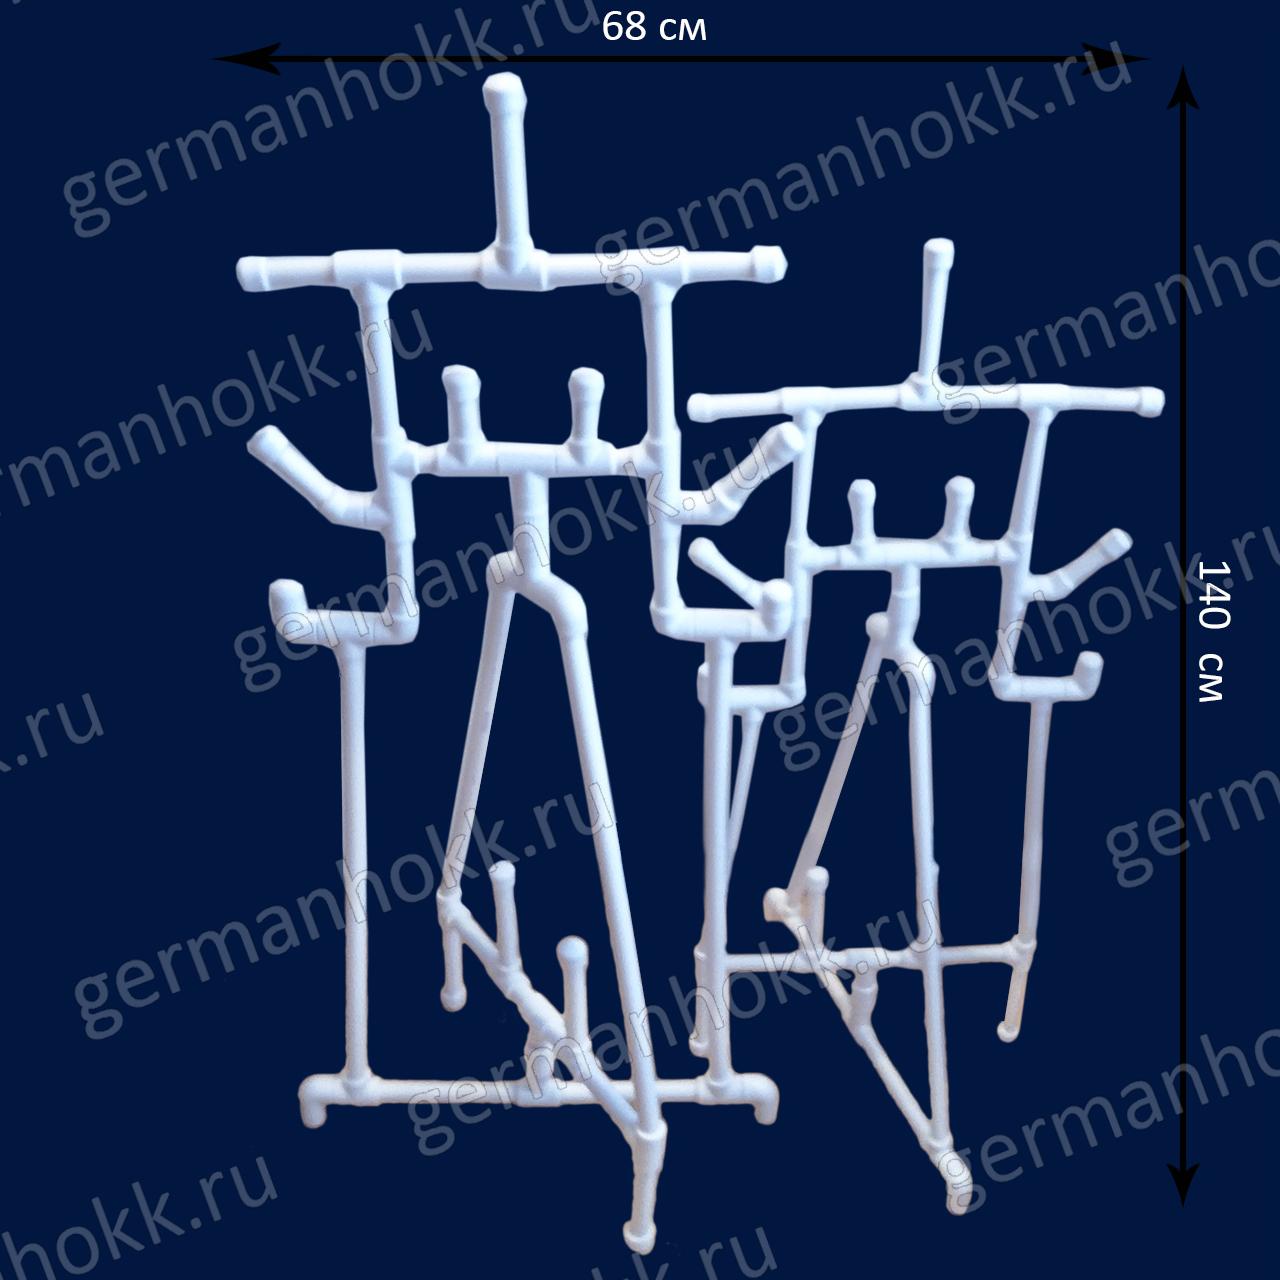 Сушка дляхоккейной формыНАПОЛЬНАЯ взрослаяразмеры 140 см*68 смвес 2 кгПП труба 25 ммгарантия 10 лет